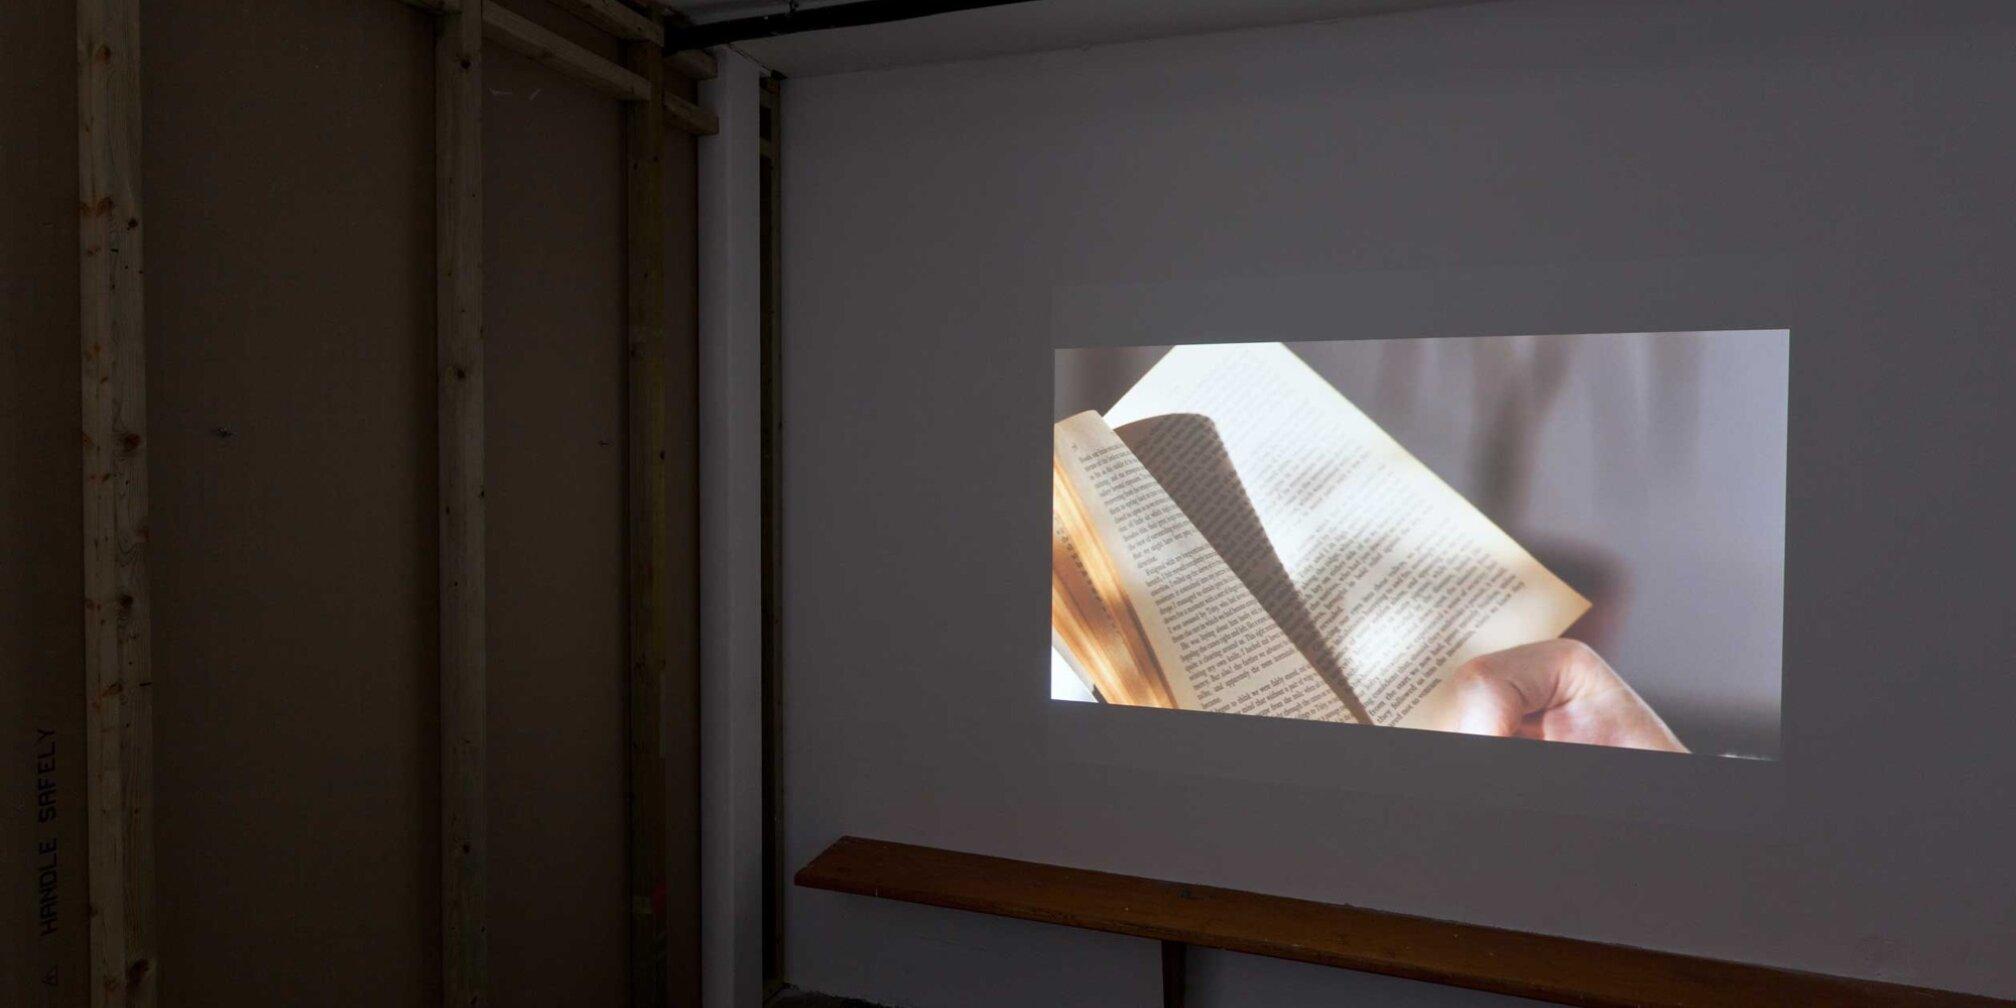 Jason Dungan, Mariner, 2012, installation view, Zabludowicz Collection Invites Jason Dungan, 2012 at Zabludowicz Collection, London. Photo: Tim Bowditch